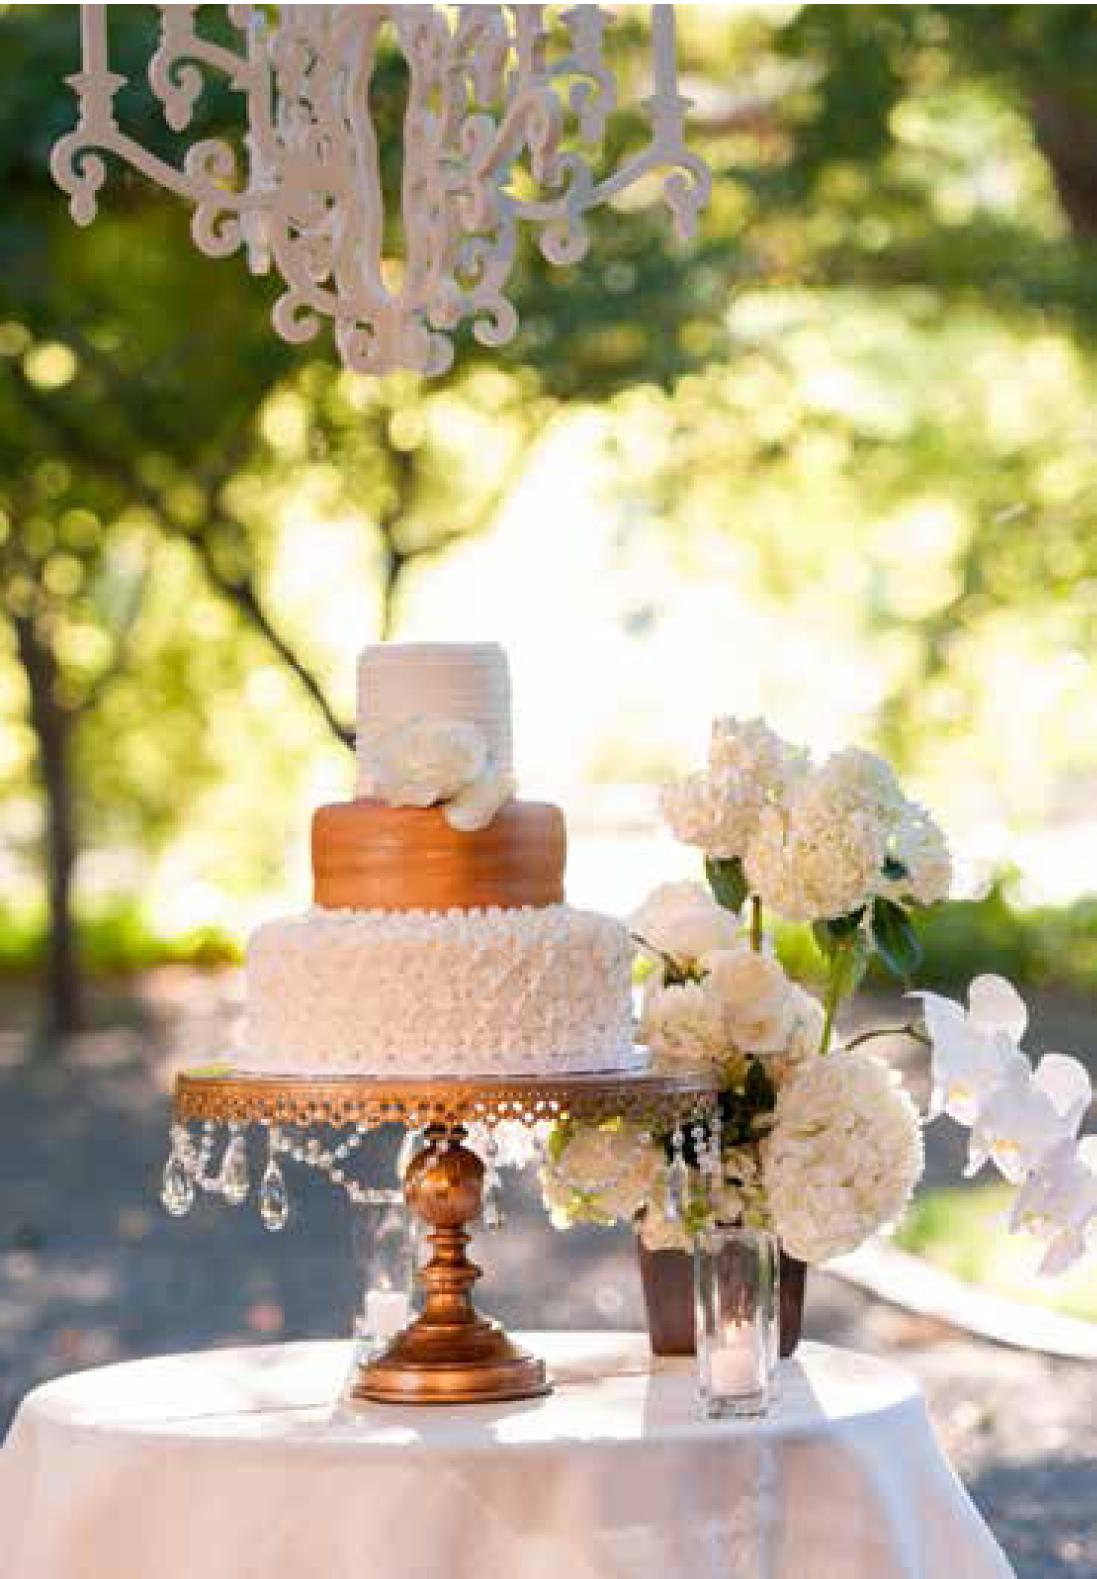 Grand Round Wedding Cake Stand